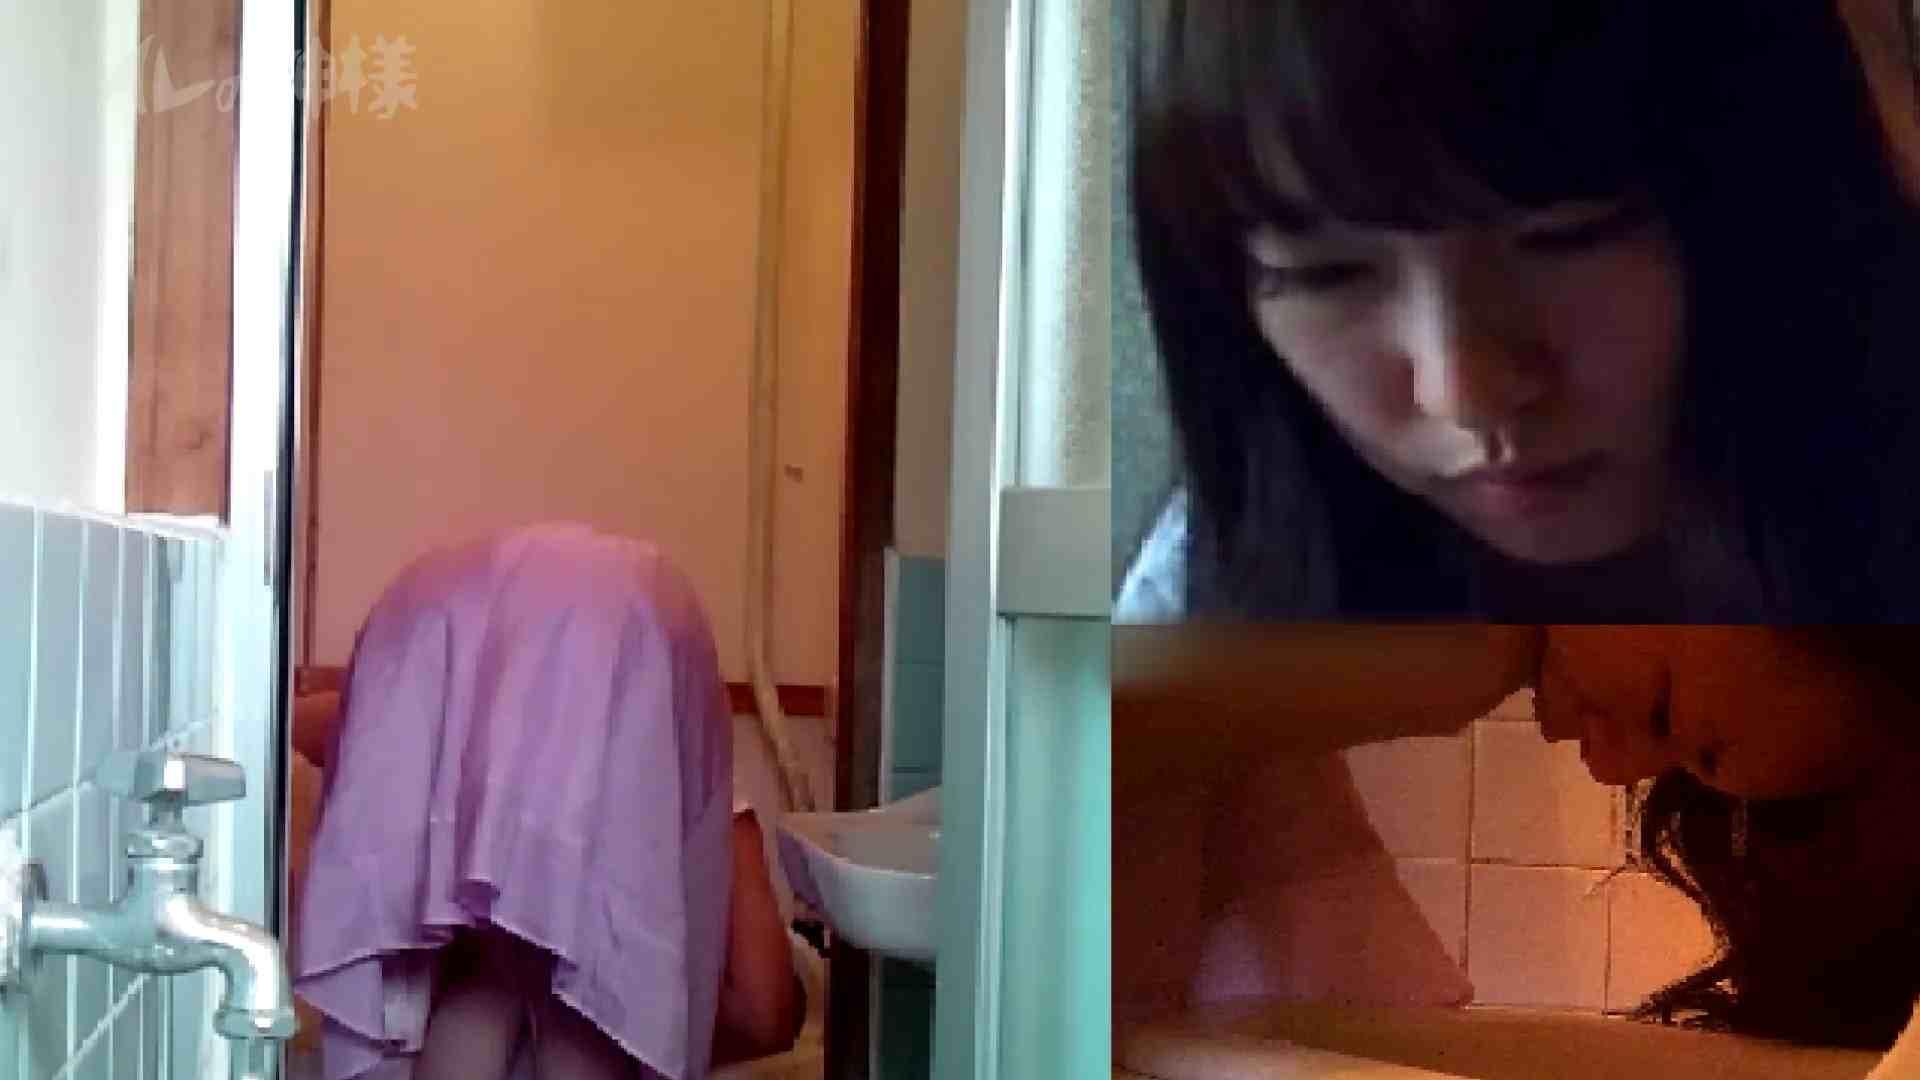 トイレの神様 Vol.09 美女のGEBOきれいに撮っています 美肌 戯れ無修正画像 49画像 43